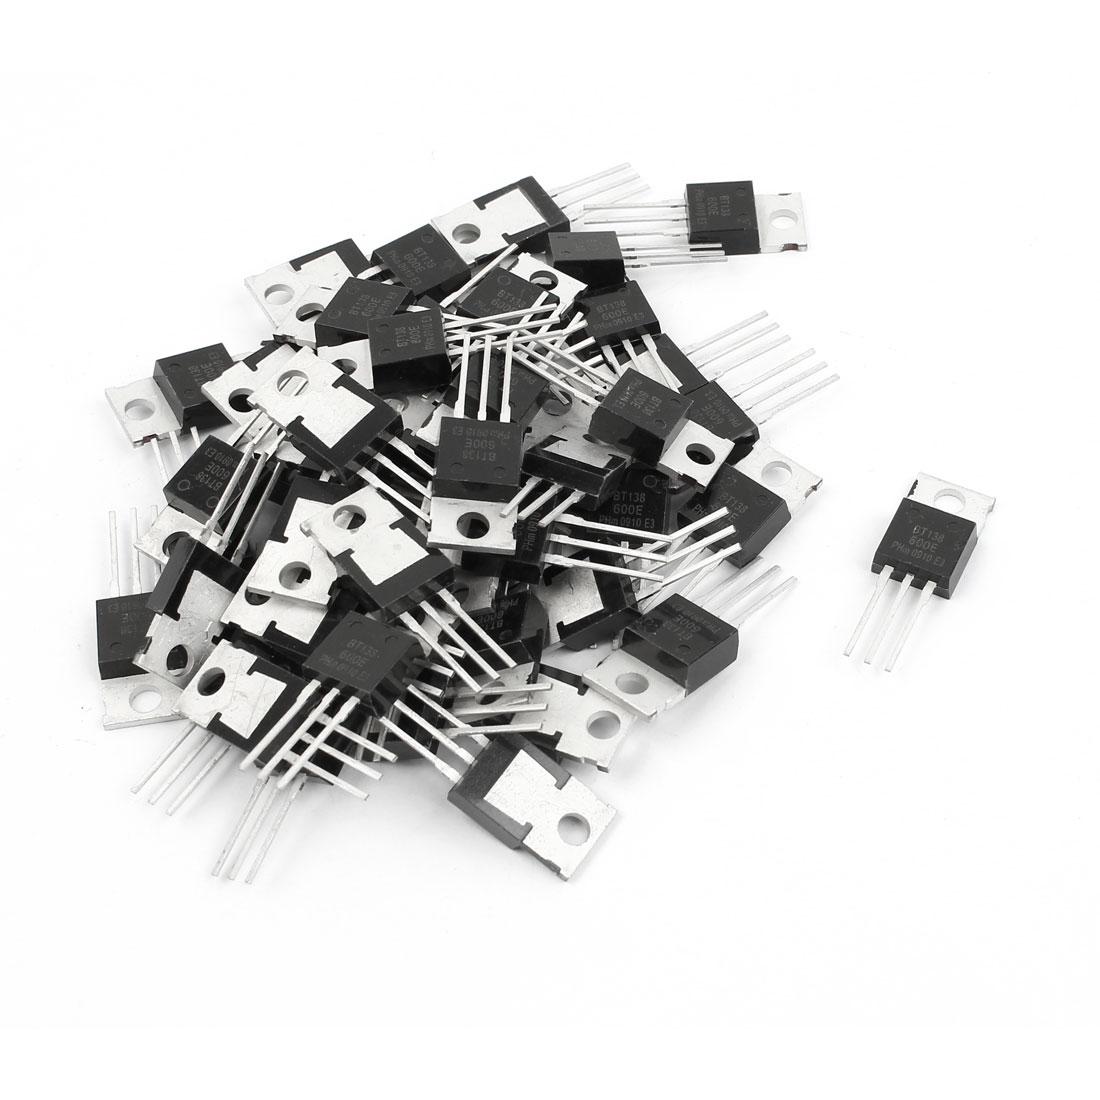 50 Pcs BT138-600E TO-220 Triacs Logic Level Thyristor 600V 12A